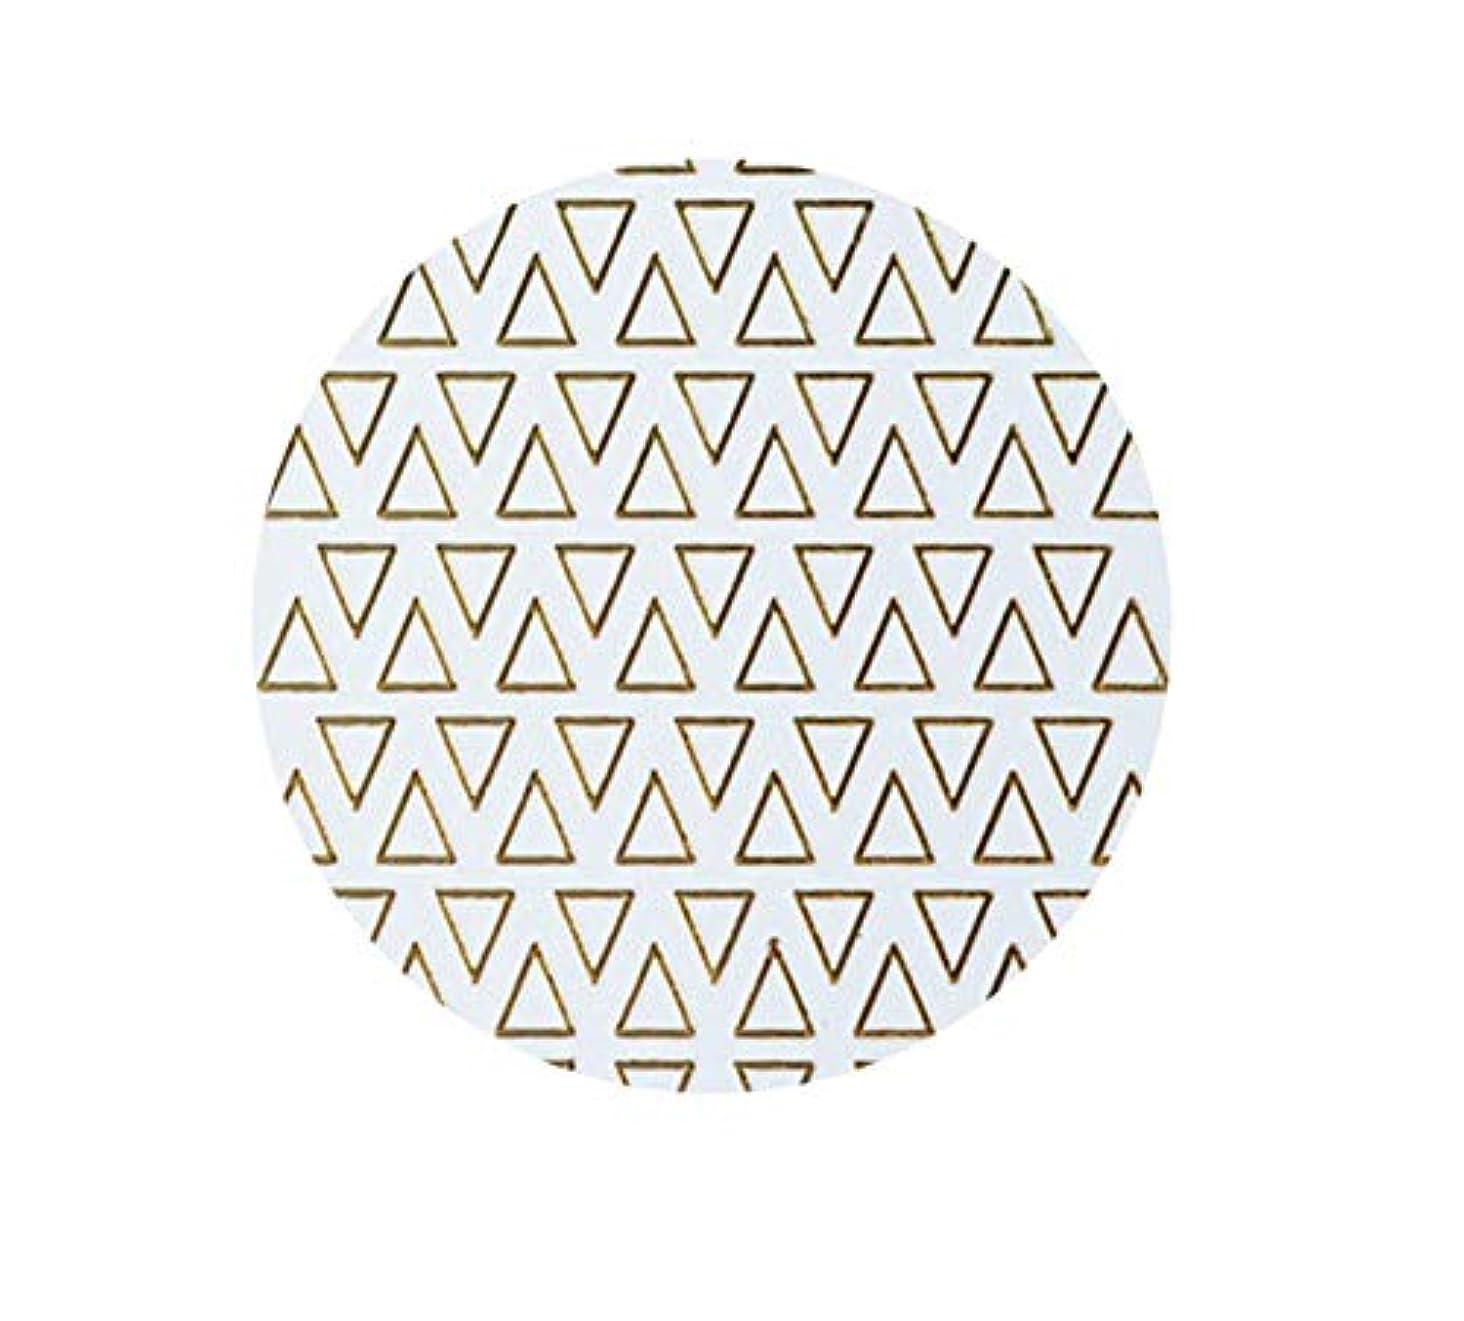 側独創的動物ゴールドフレームシェイプアップリケ金メッキ金属三角形オーバルネイルアートステッカーステッカー,T-8 small size trian